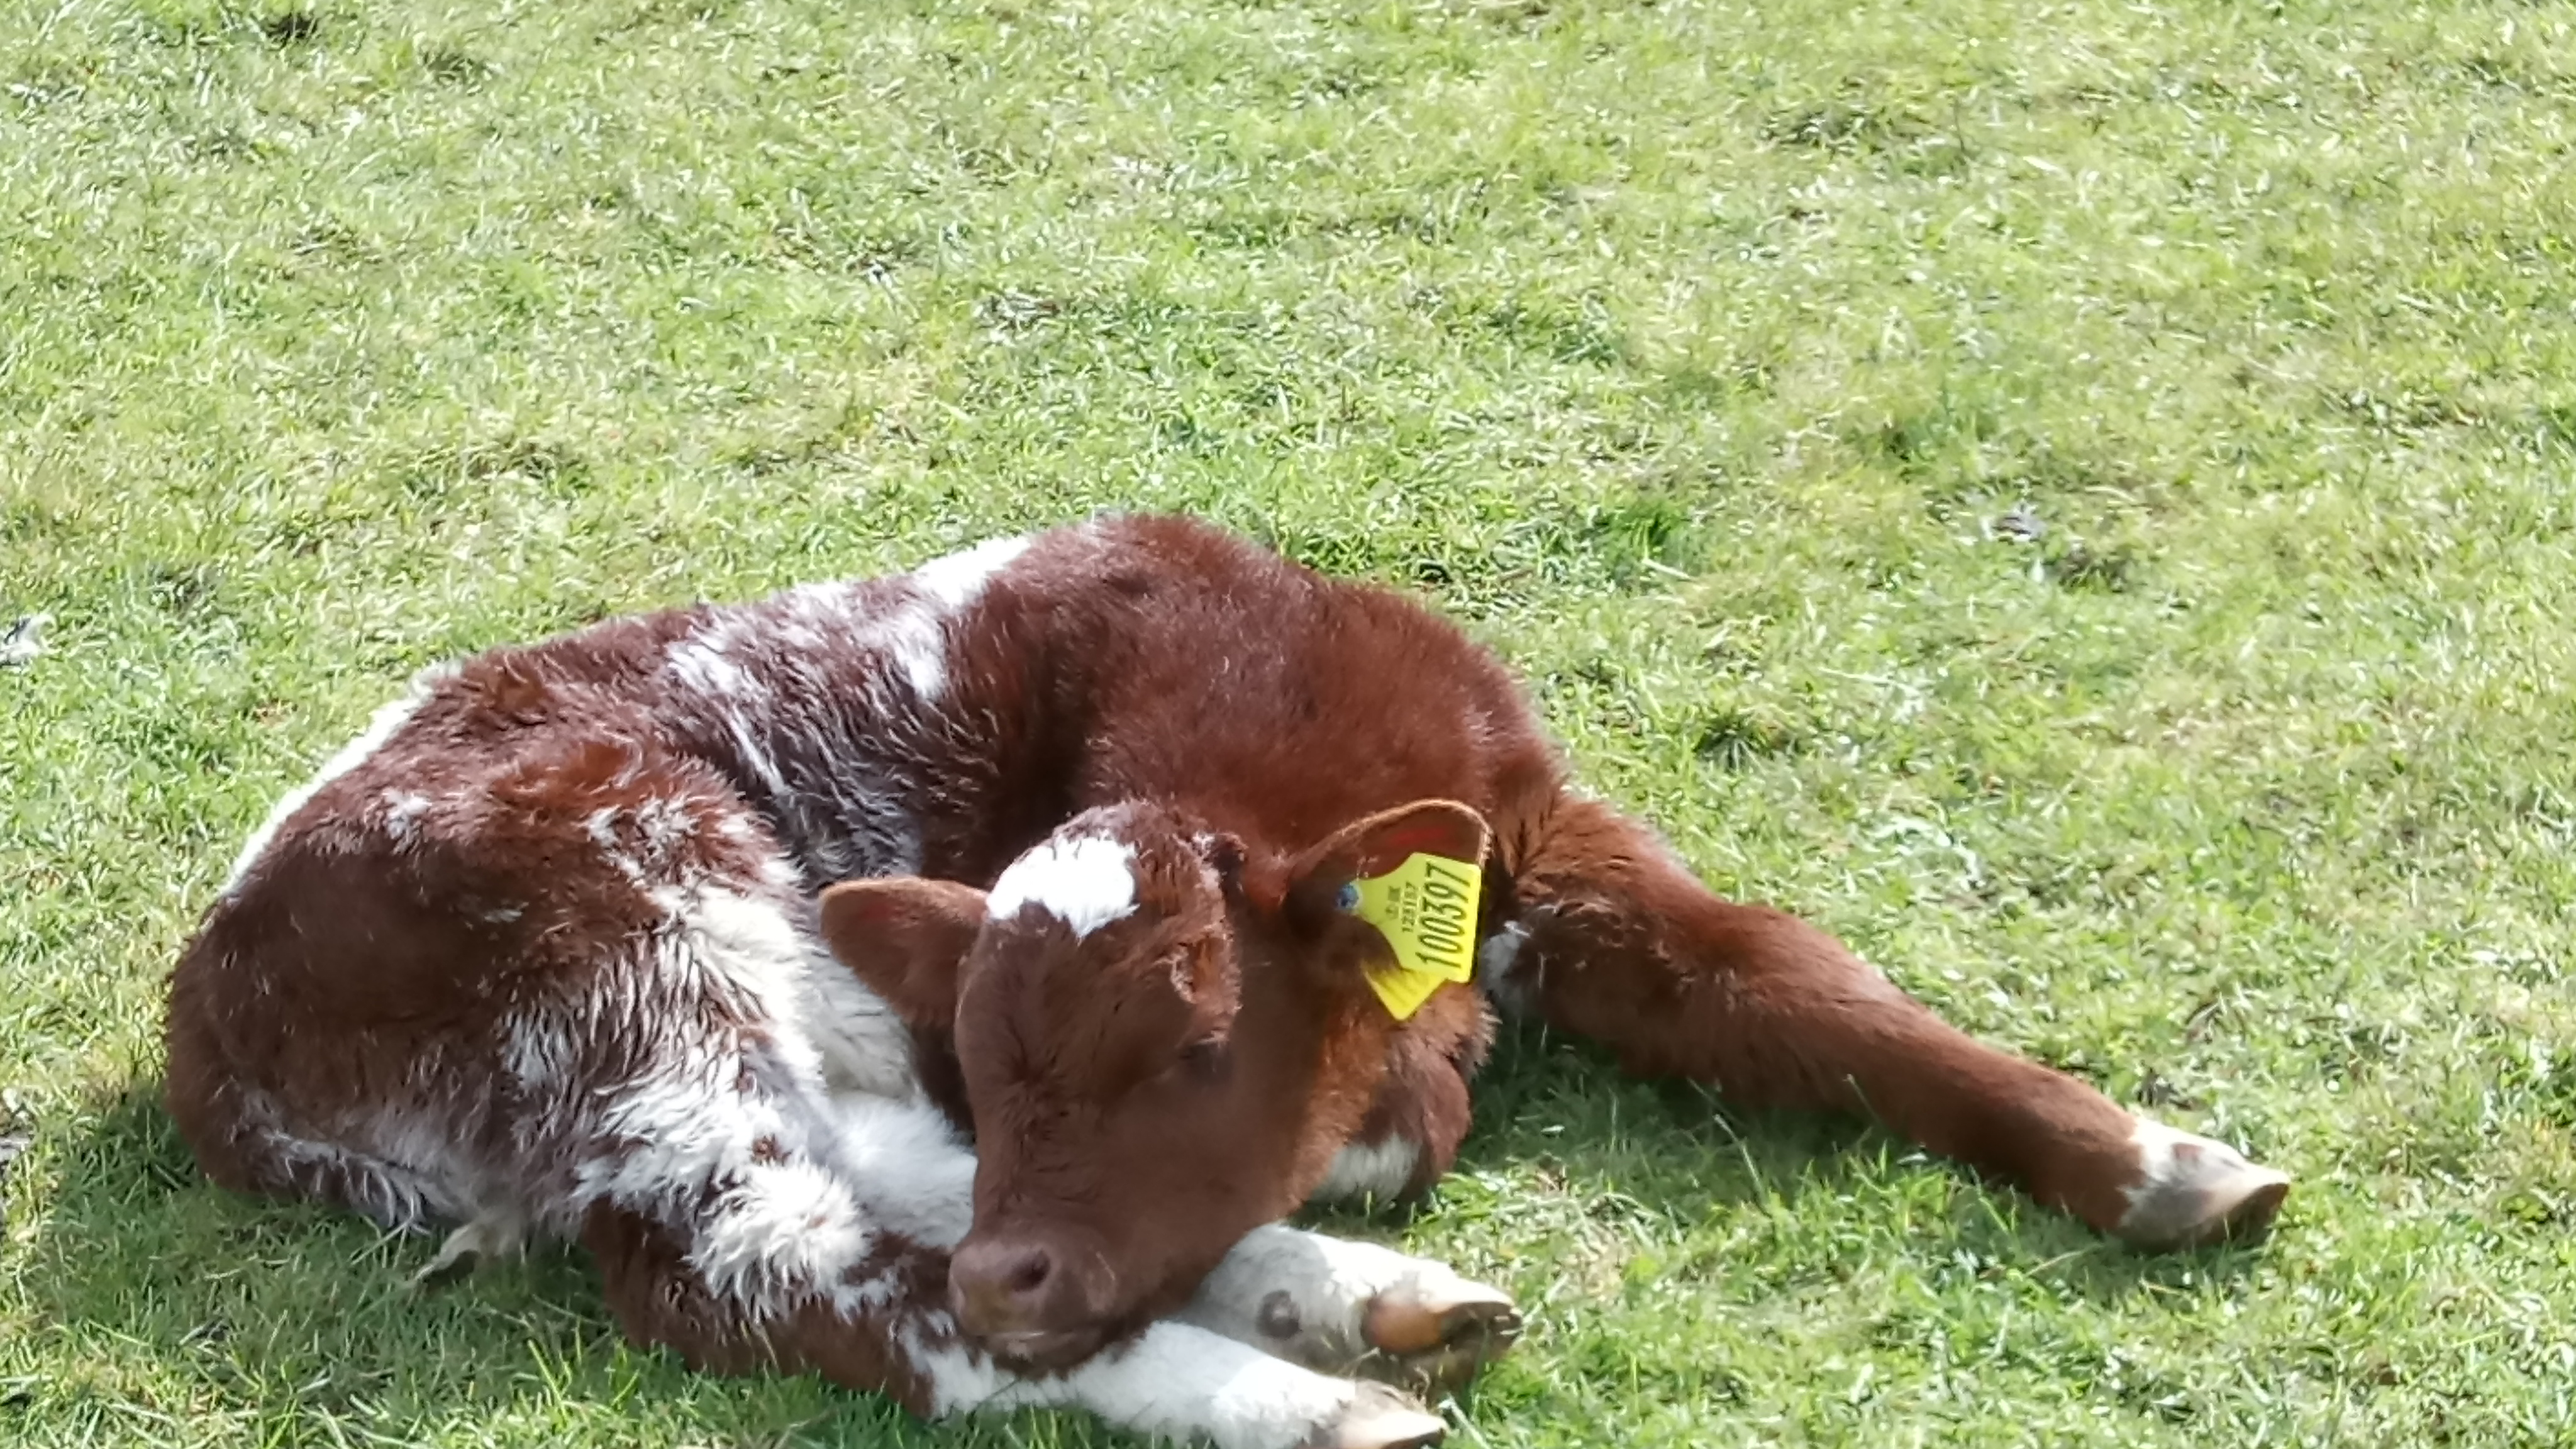 Megan's calf 2019